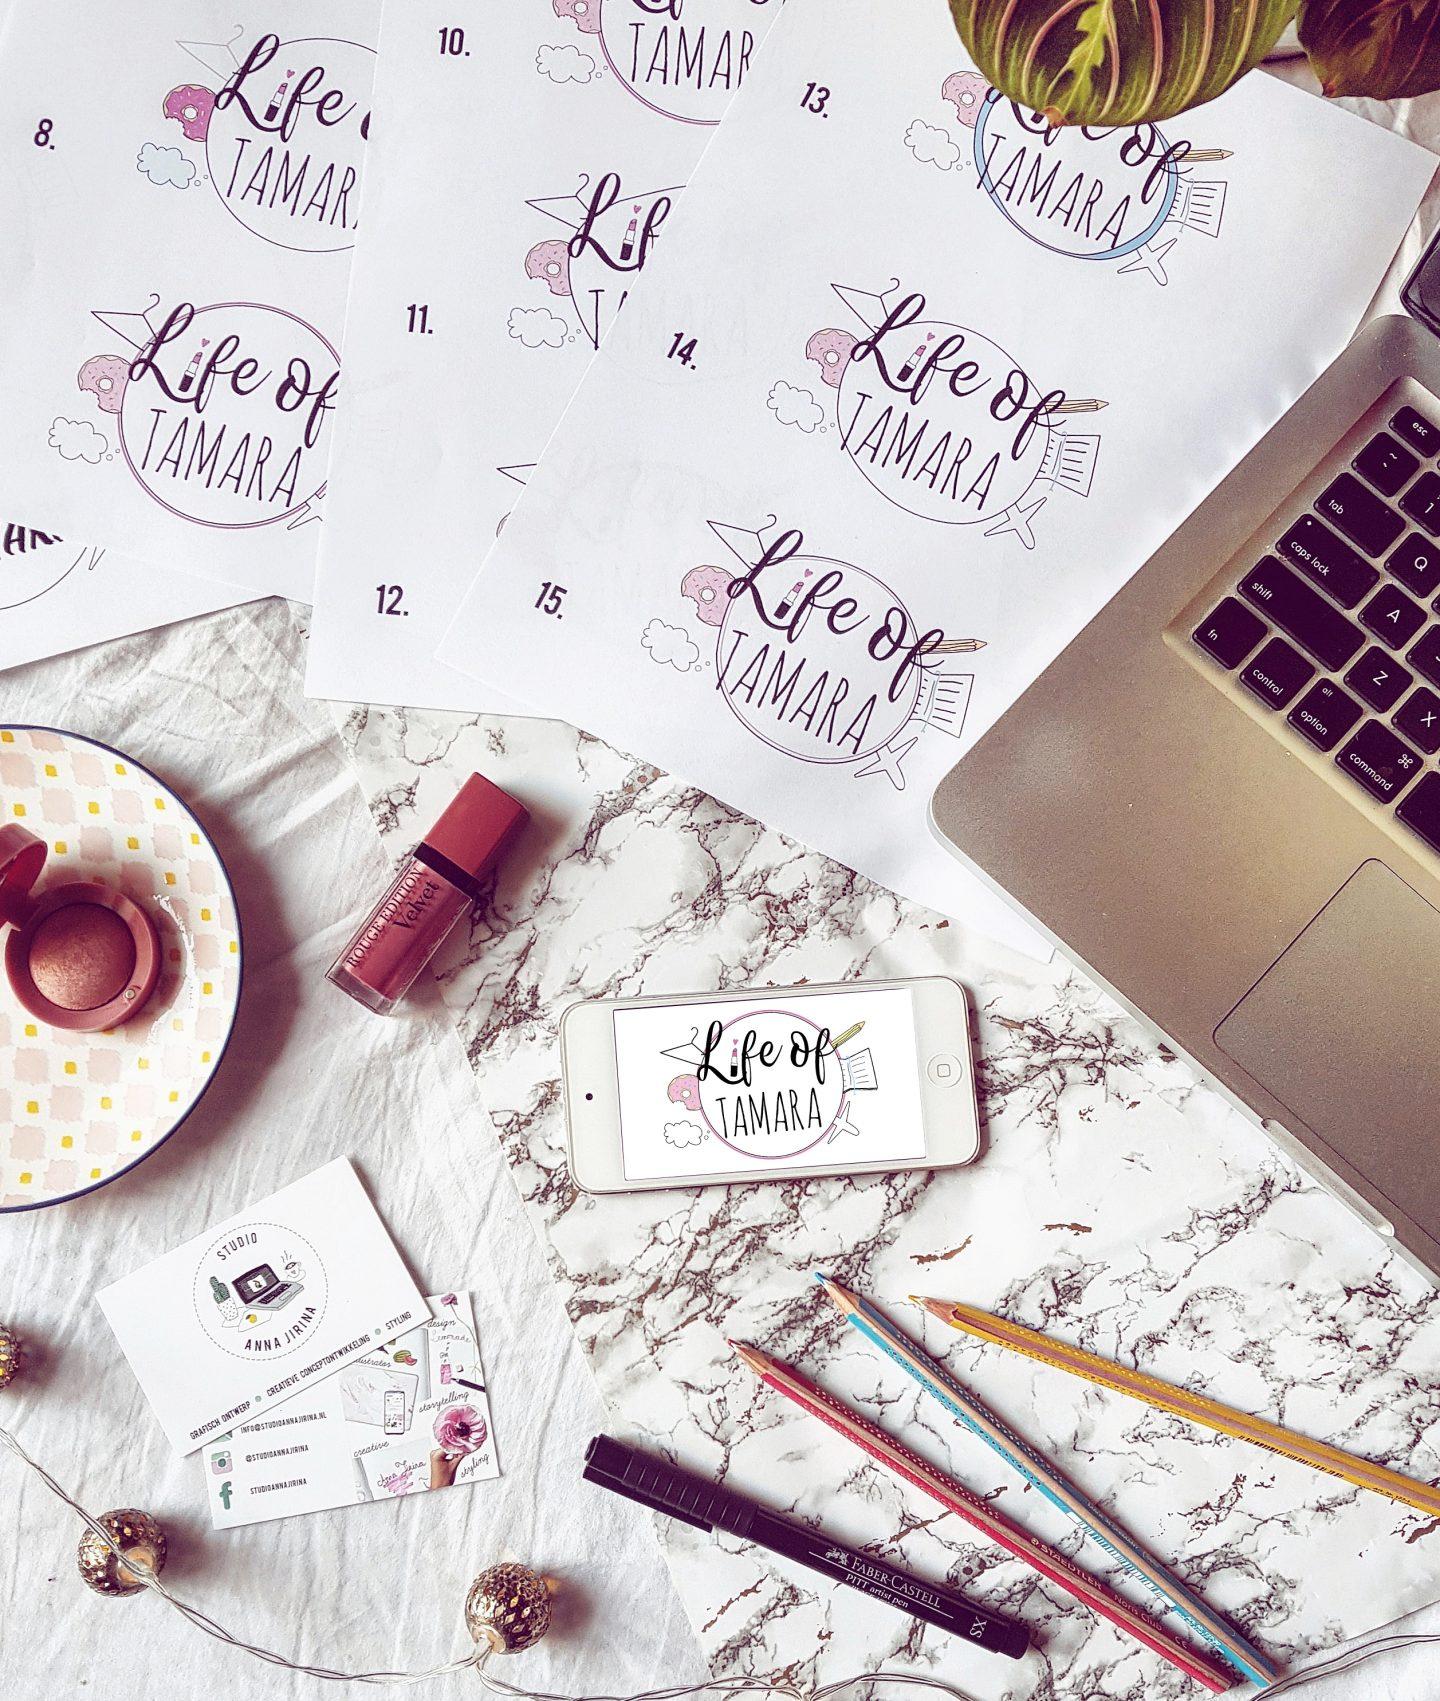 12 kleine successen van mij als ondernemer in februari